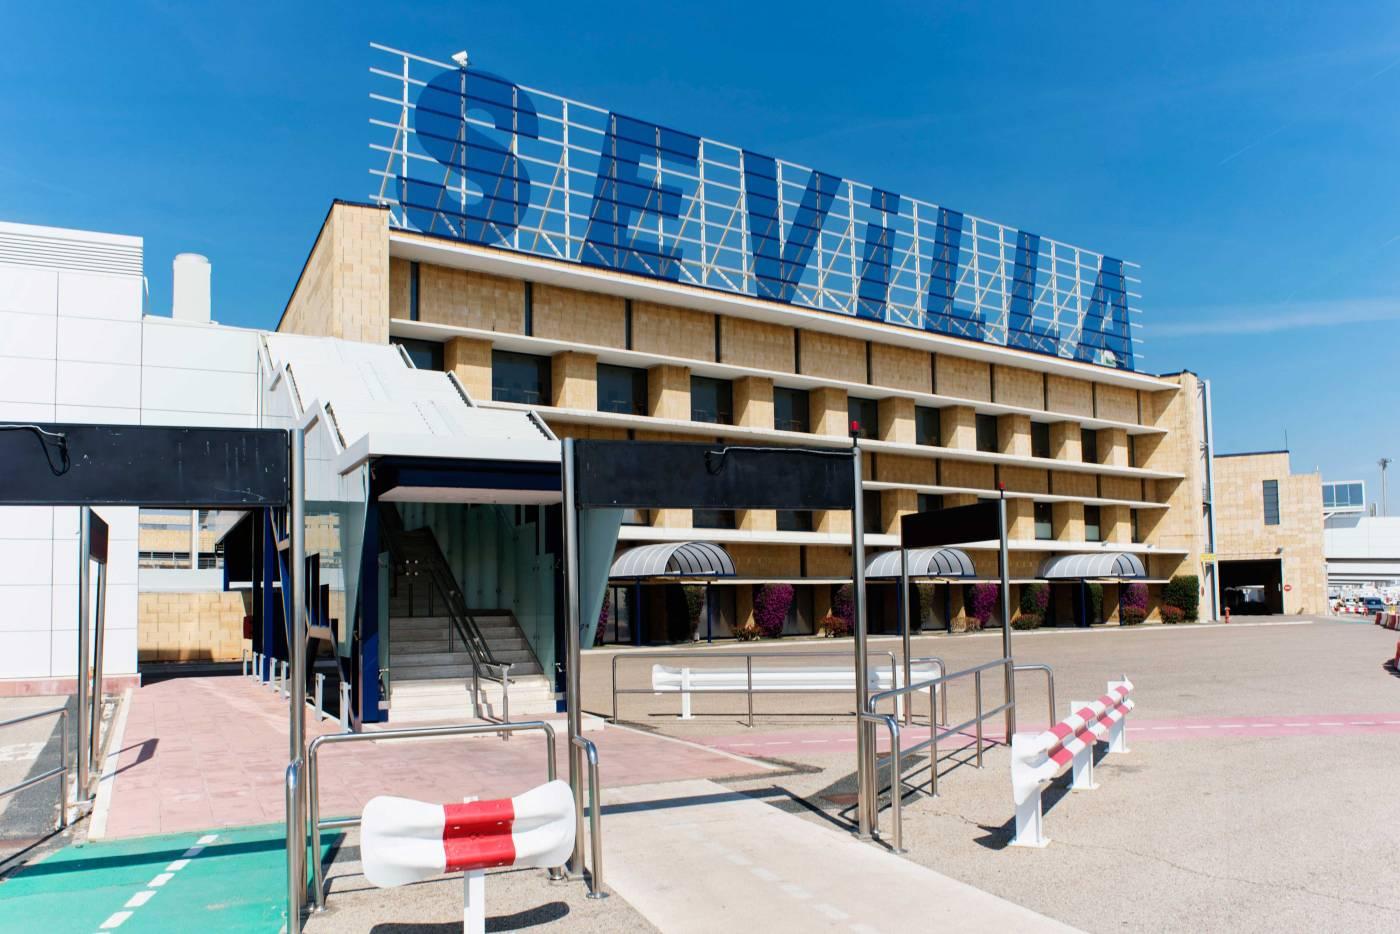 El aeropuerto de Sevilla, en una imagen de archivo. FOTO: AENA